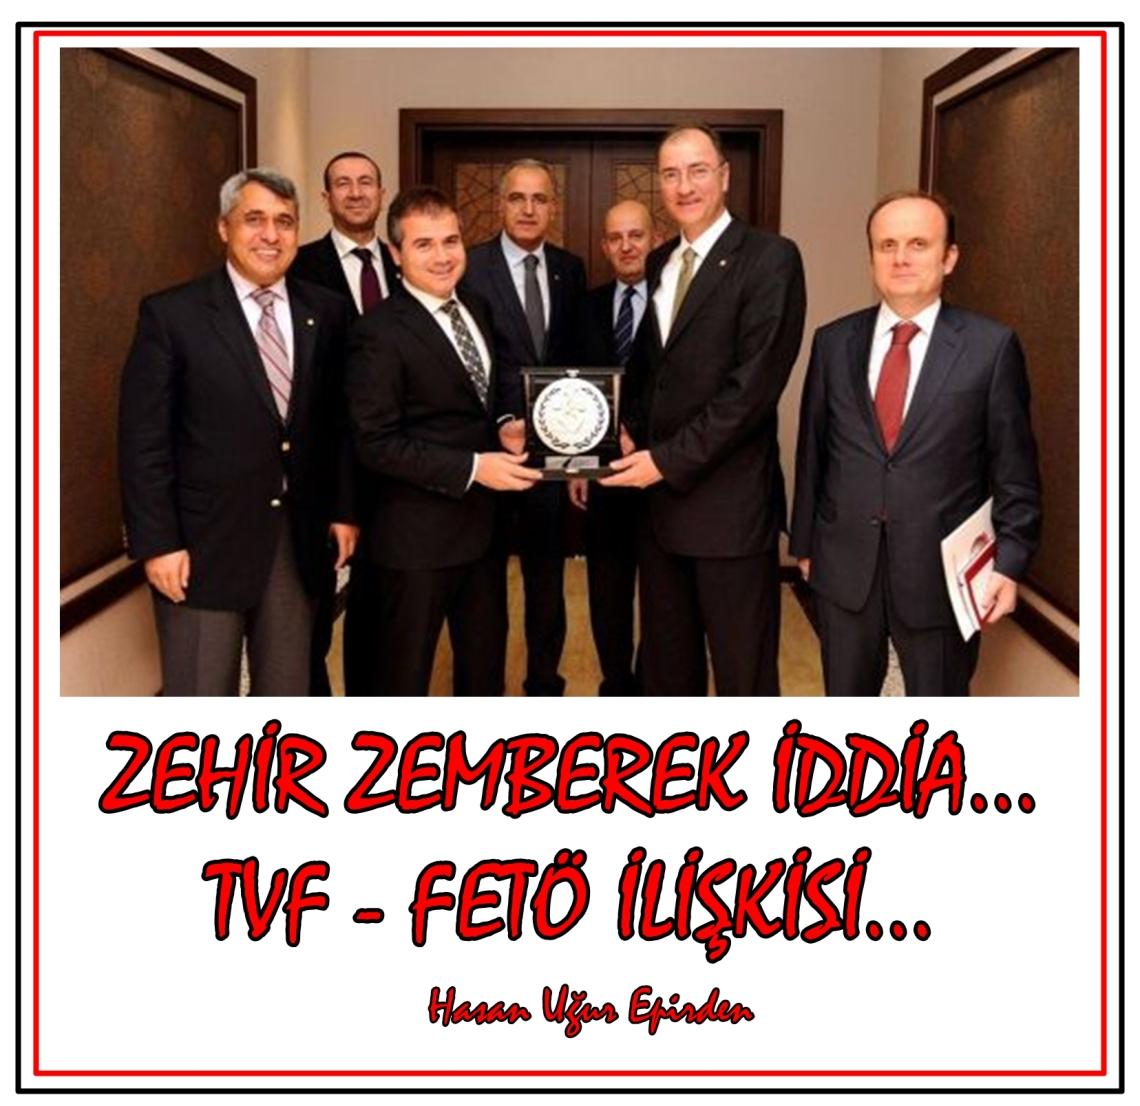 ZEHİR ZEMBELEK İDDİA.TVF FETÖ